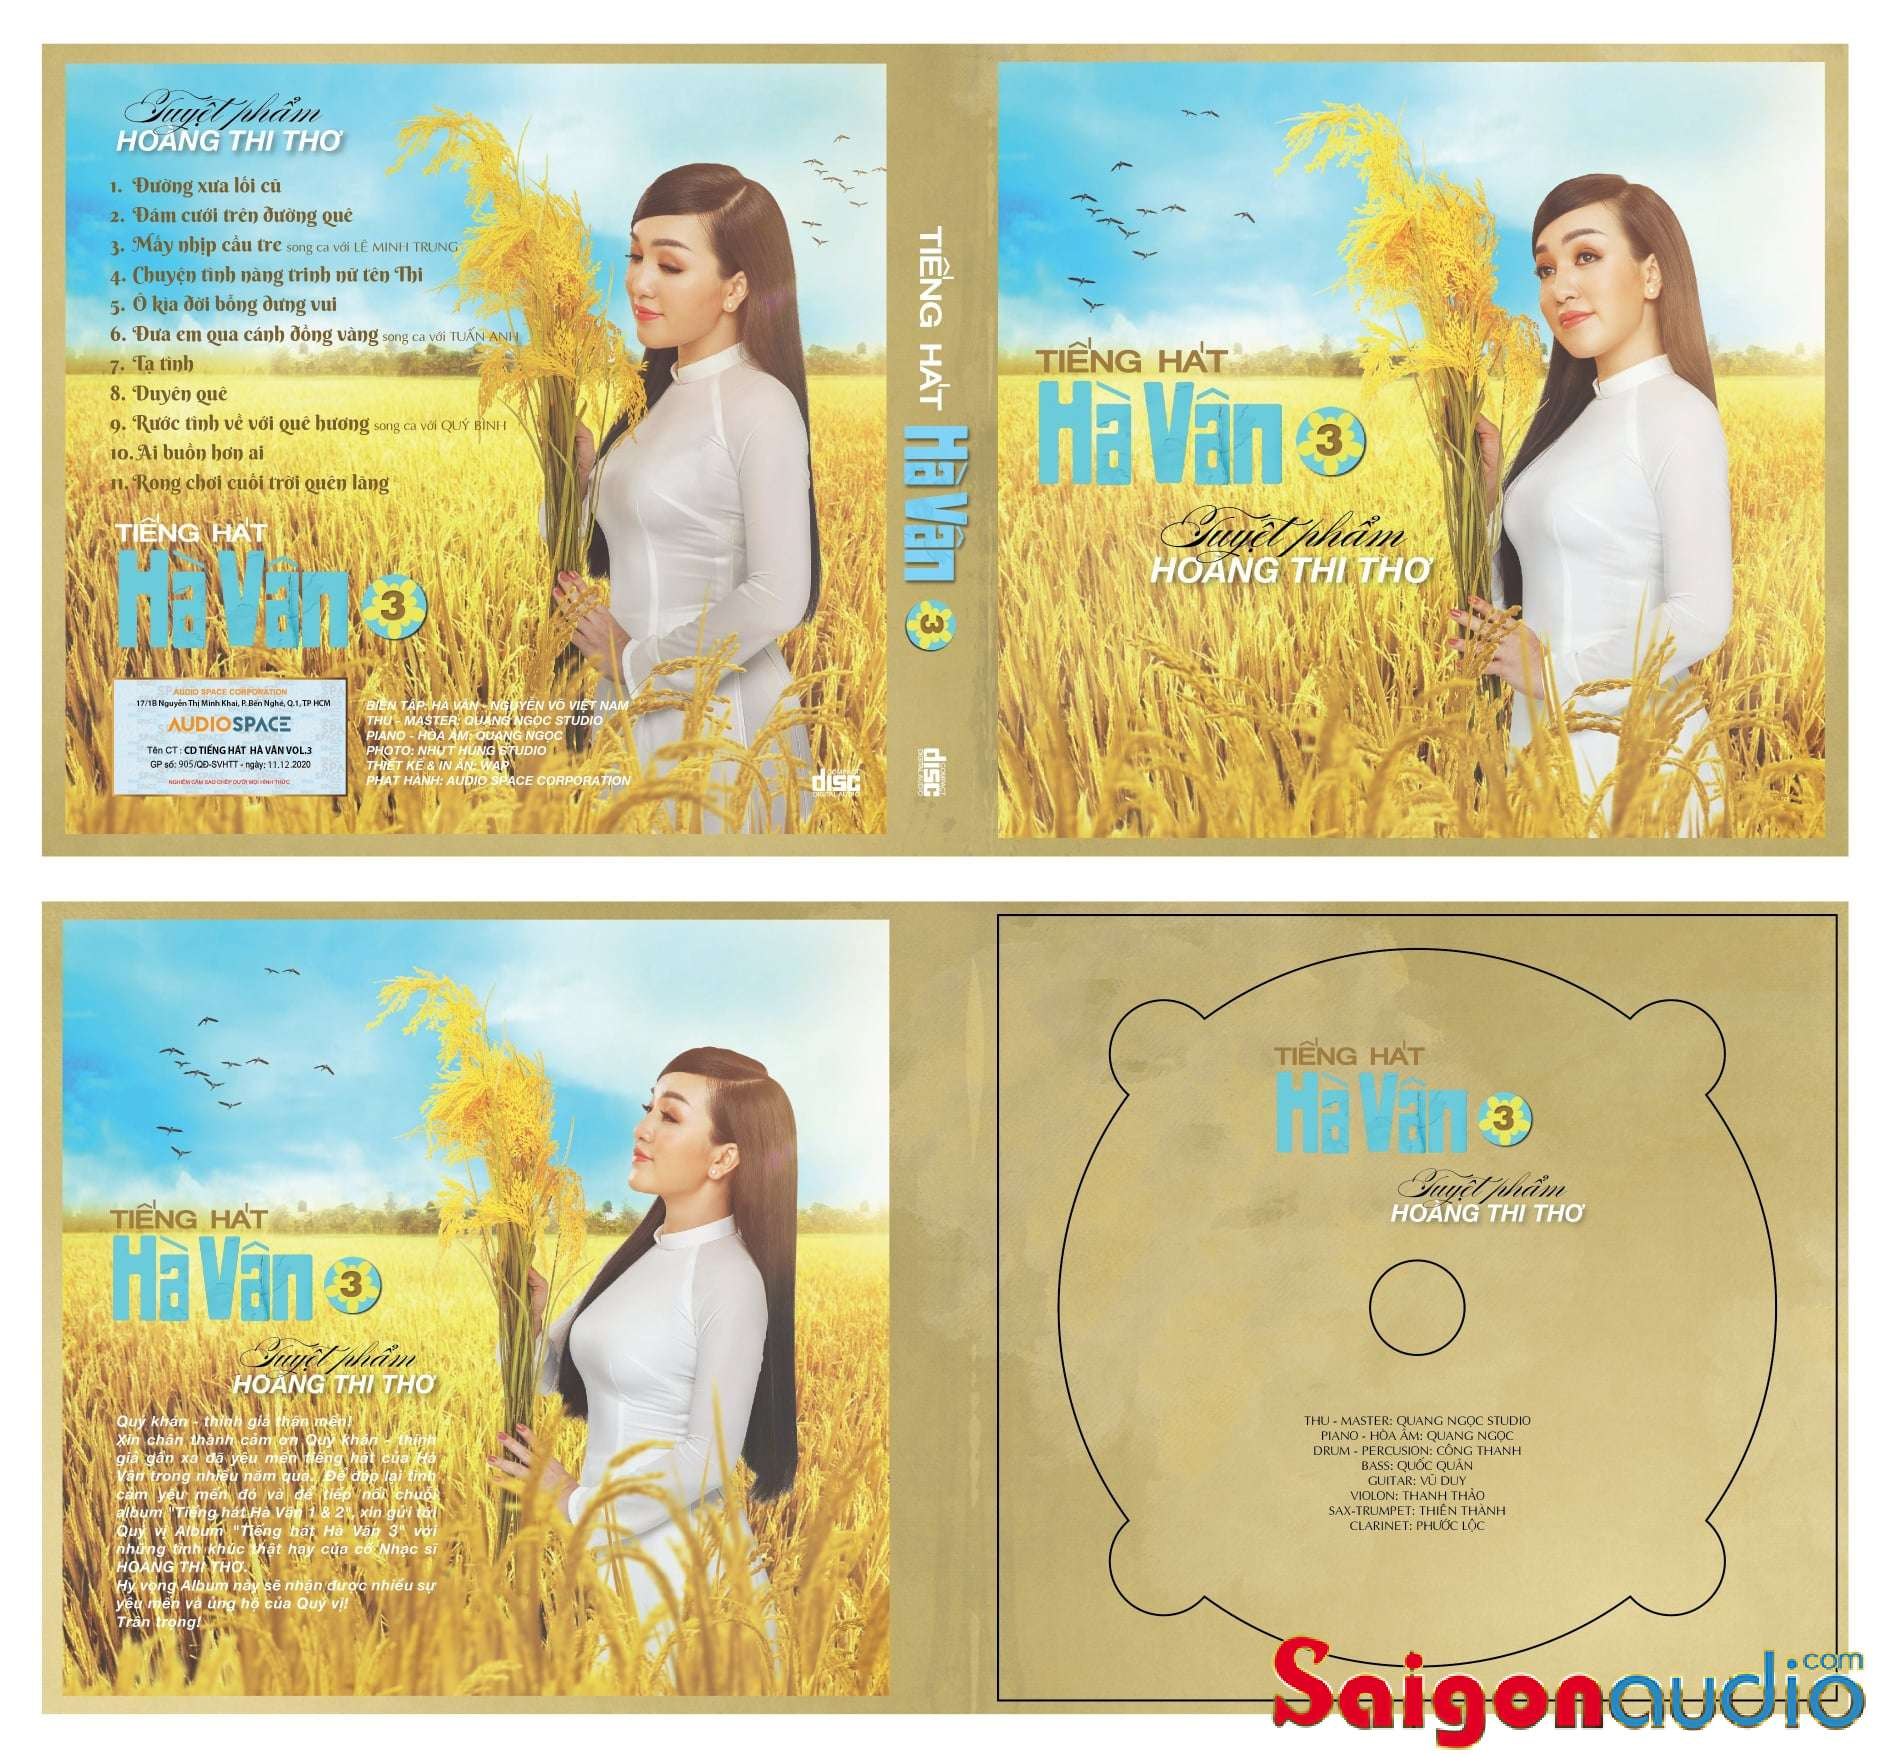 Đĩa CD nhạc gốc Album tiếng hát Hà Vân 3 (2021) - Tuyệt phẩm Hoàng Thi Thơ (Free ship khi mua 2 đĩa CD cùng hoặc khác loại)